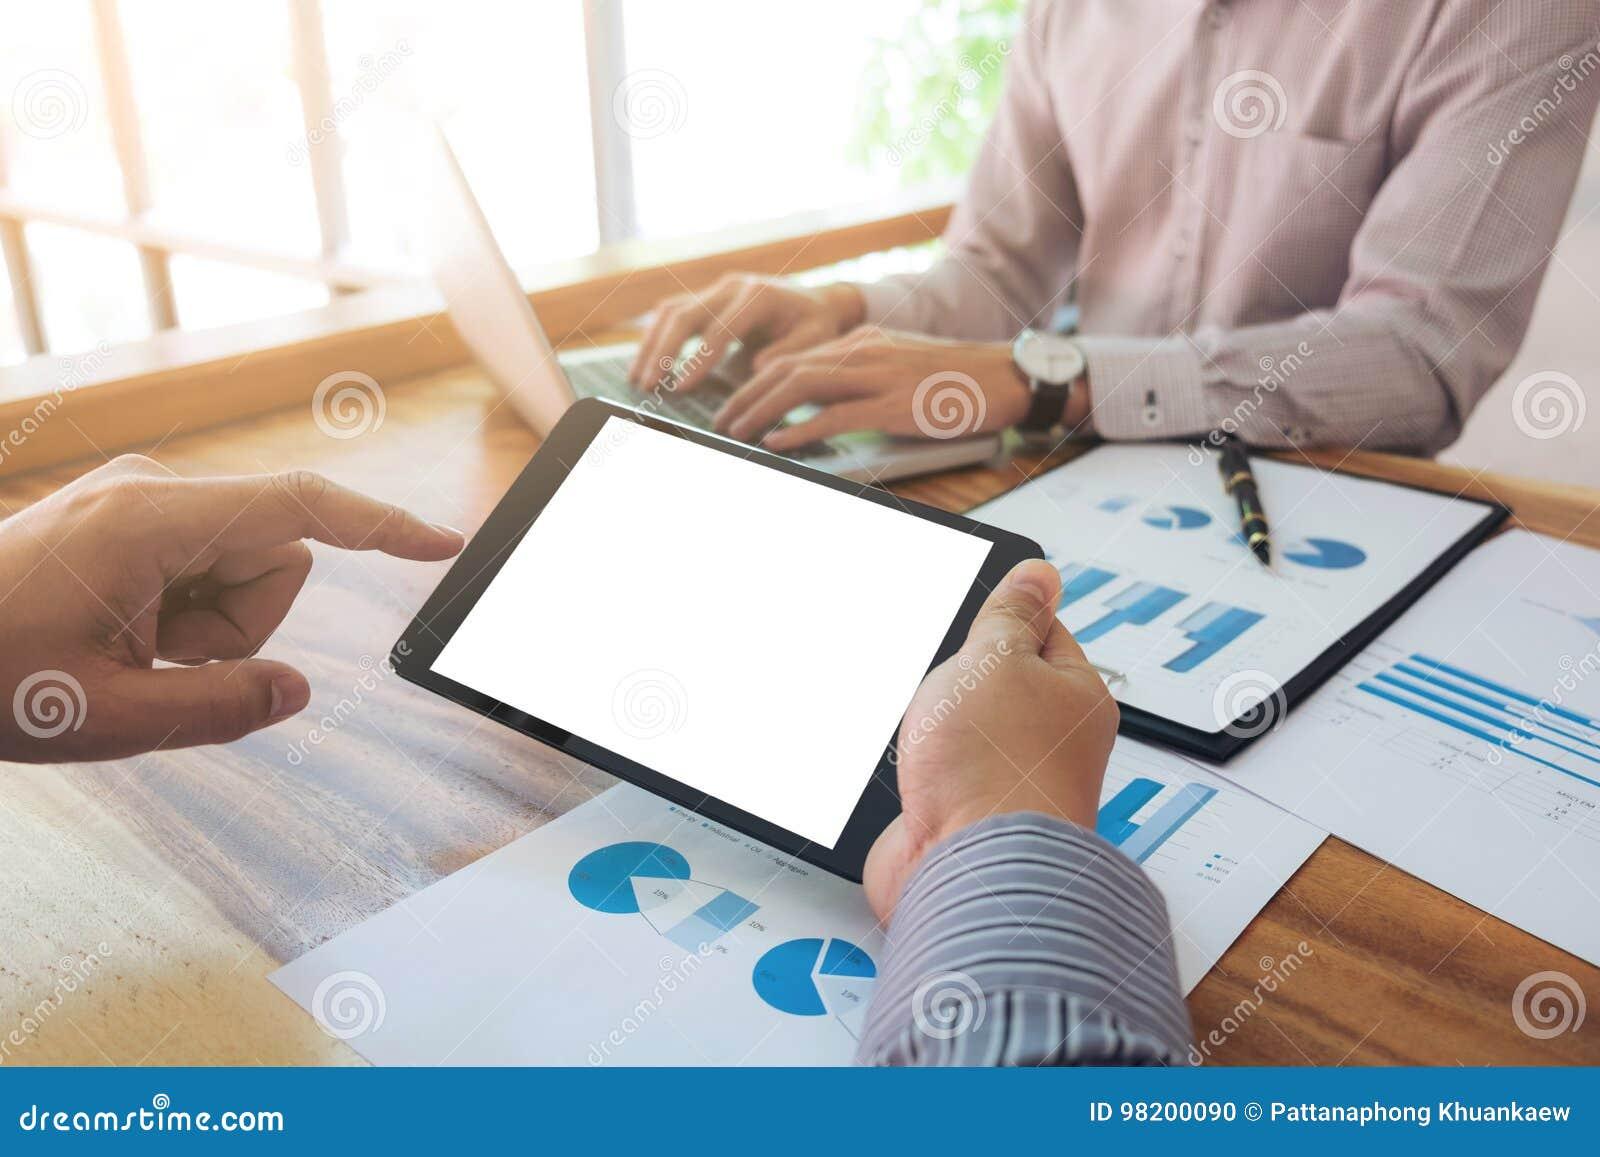 Download Конференция деятельности Co, команда дела встречая настоящий момент, инвестора C Стоковое Фото - изображение насчитывающей средства, обсуждение: 98200090